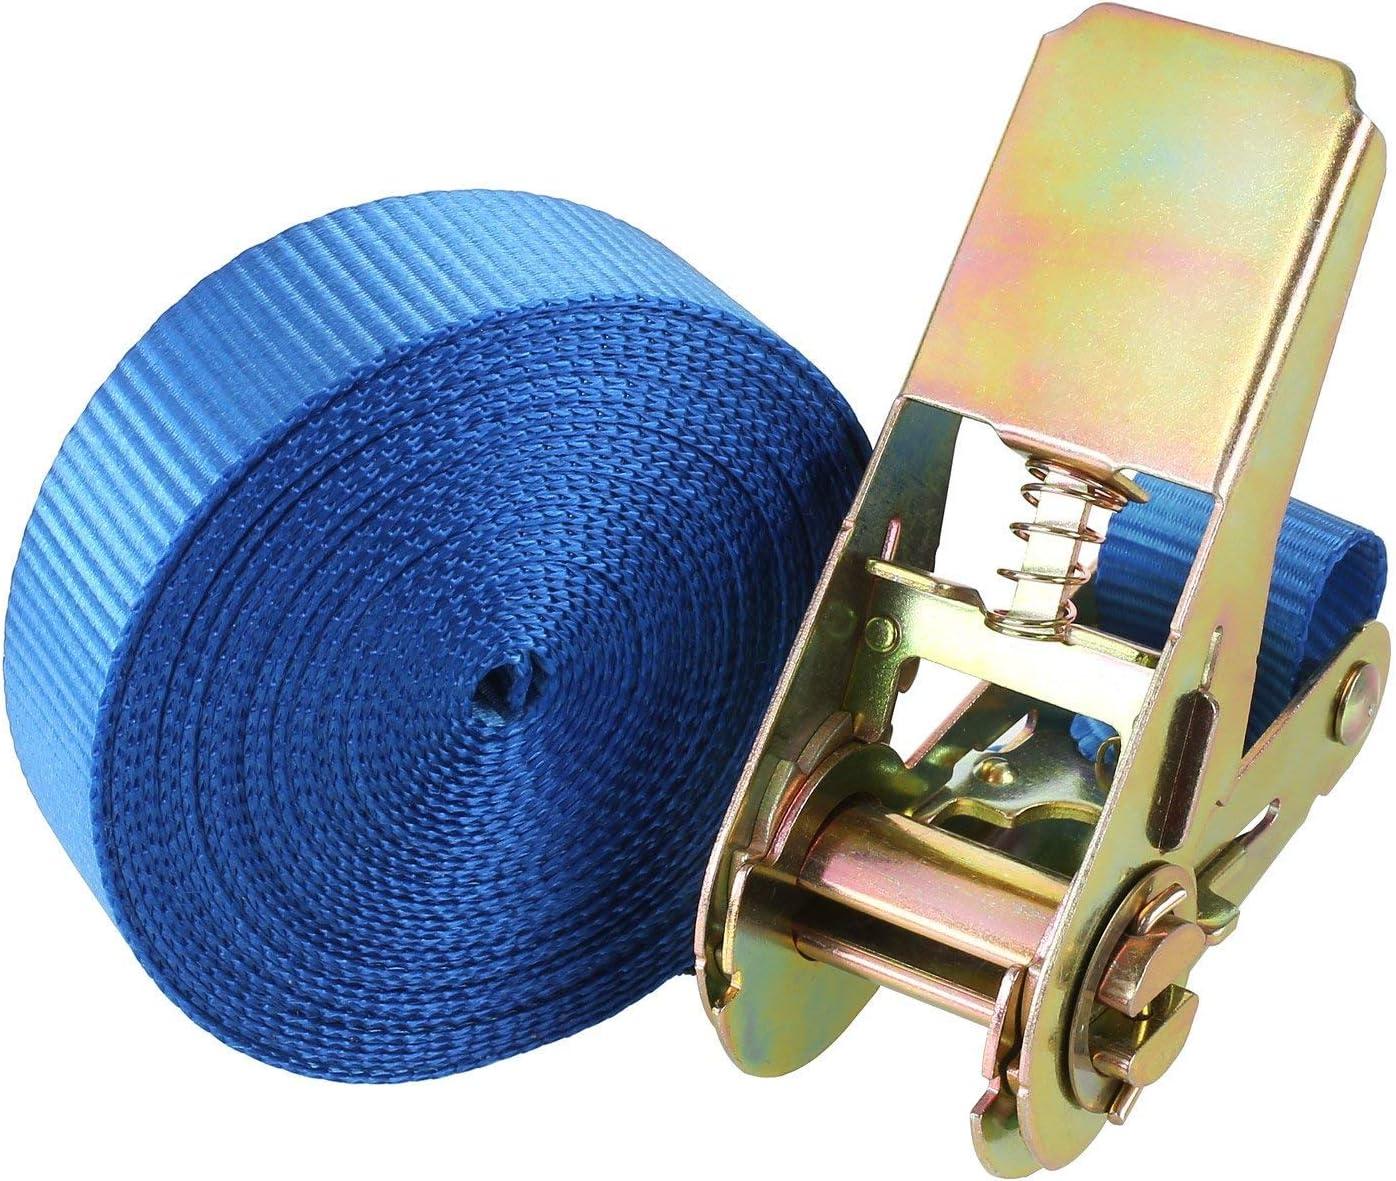 Corde d/'Acier Zingu/é C/âble en acier werk STANKE 10x Serre-C/âble /à /étrier 8mm